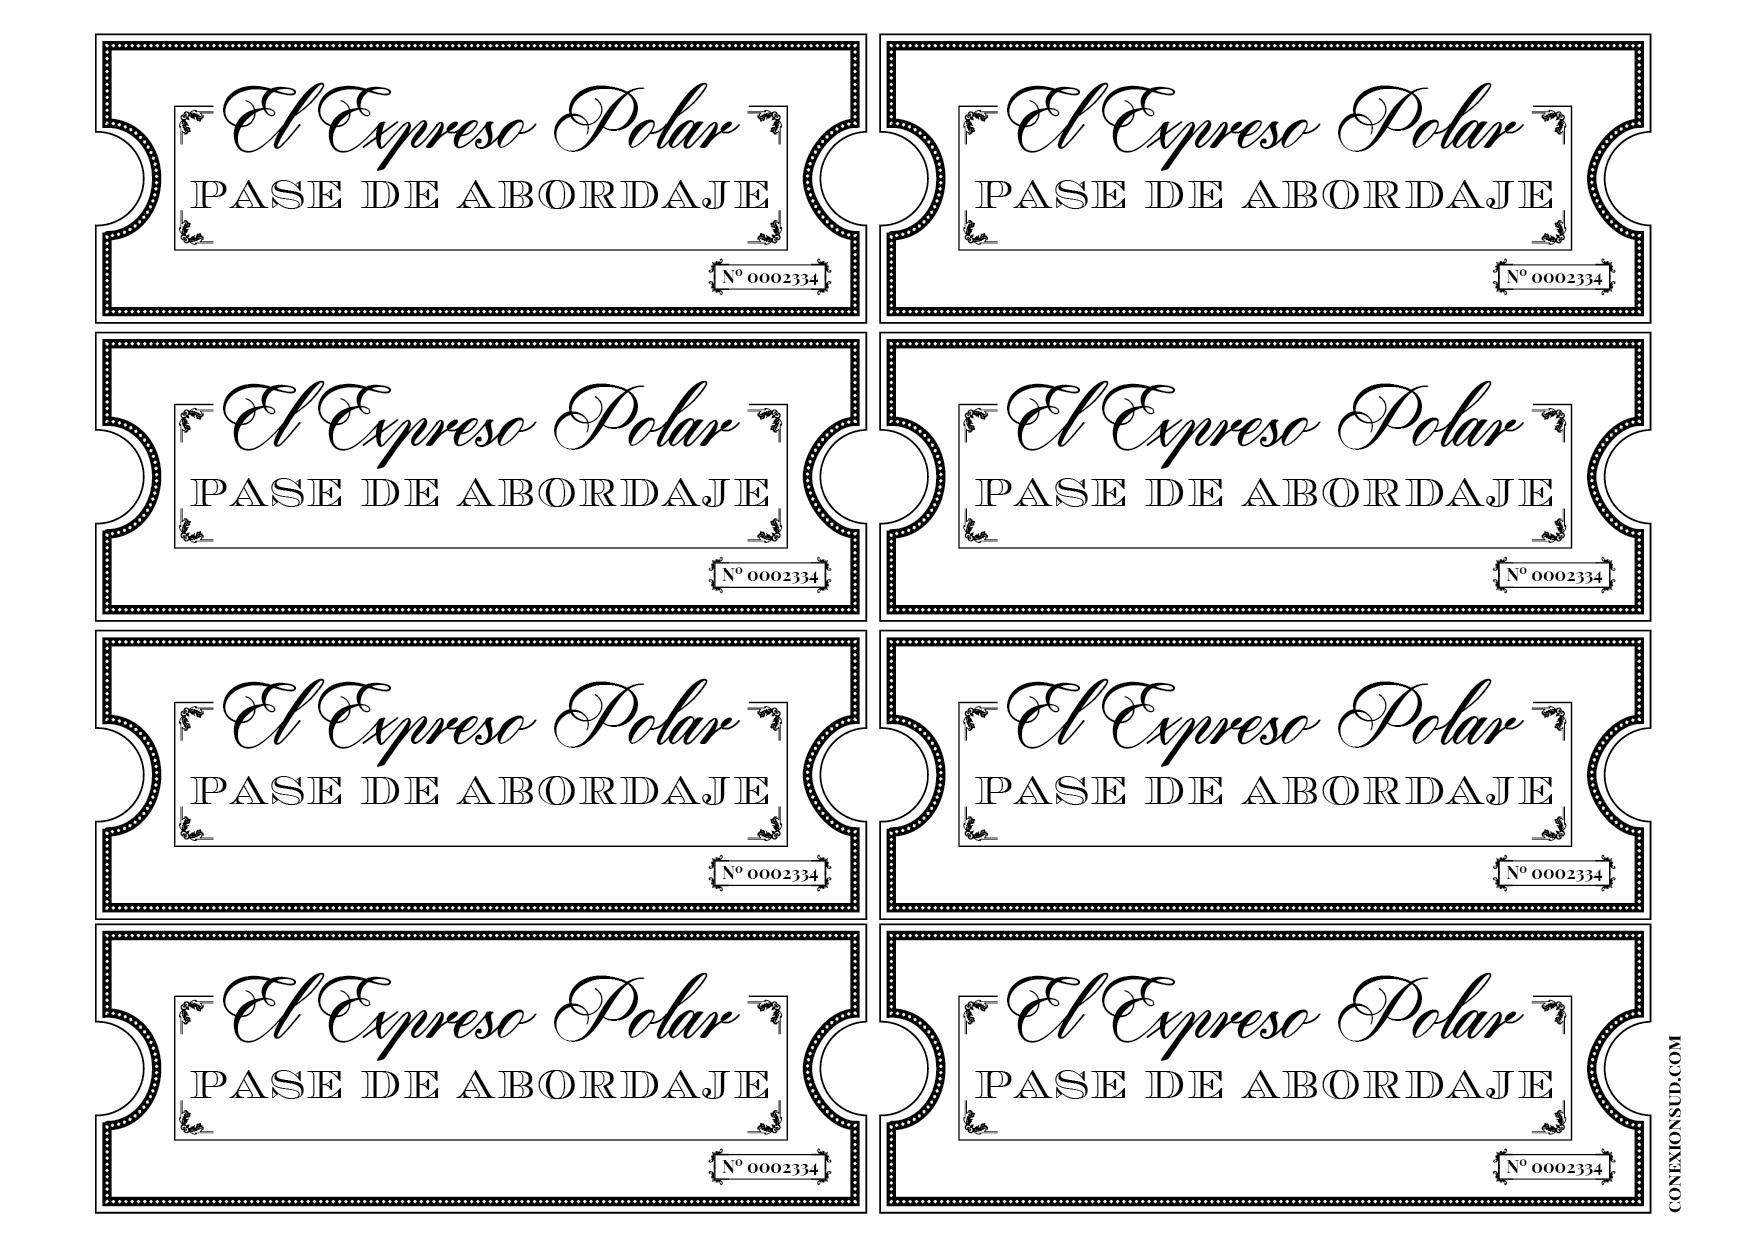 El expreso polar conexi n sud for Expreso polar